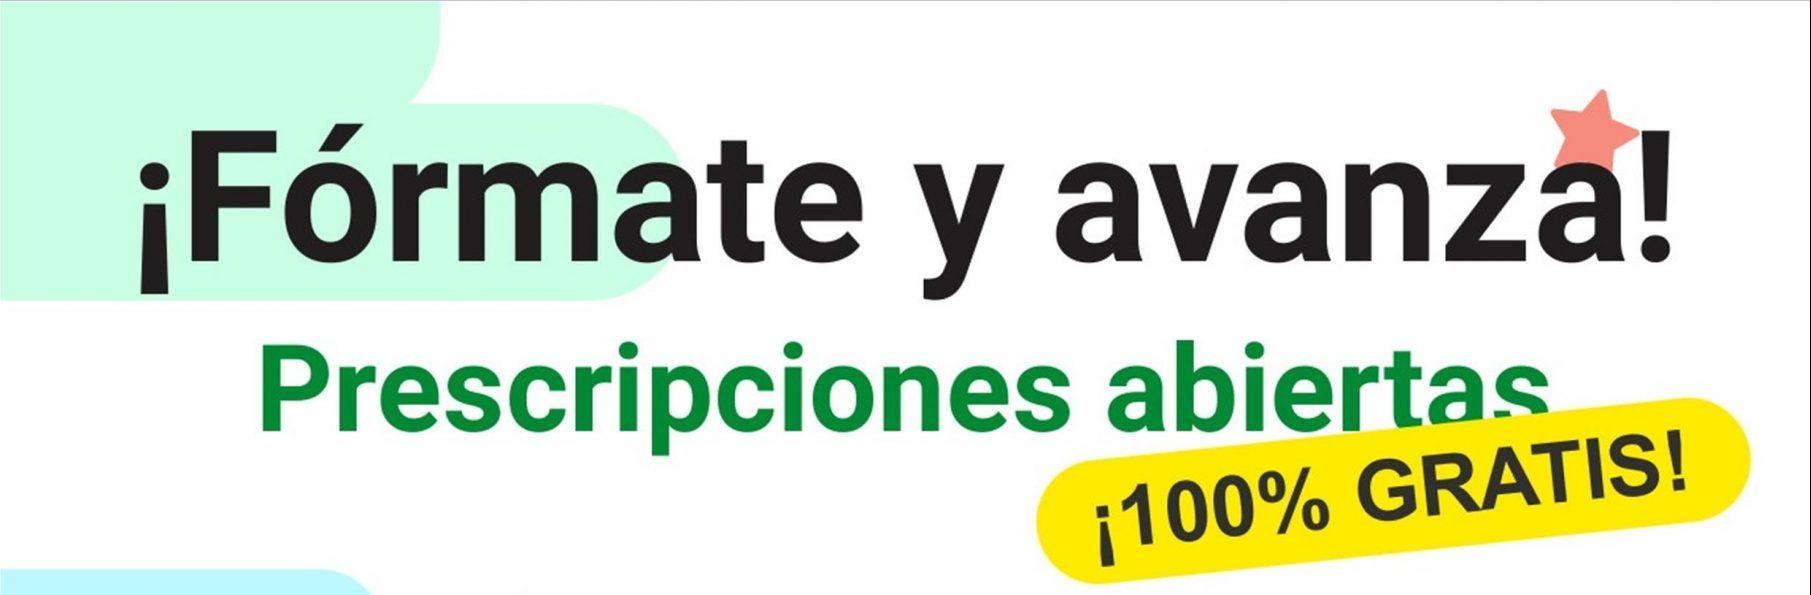 ¡Fórmate y avanza!, iniciativa de cursos gratuitos del Ayuntamiento de Tinajo